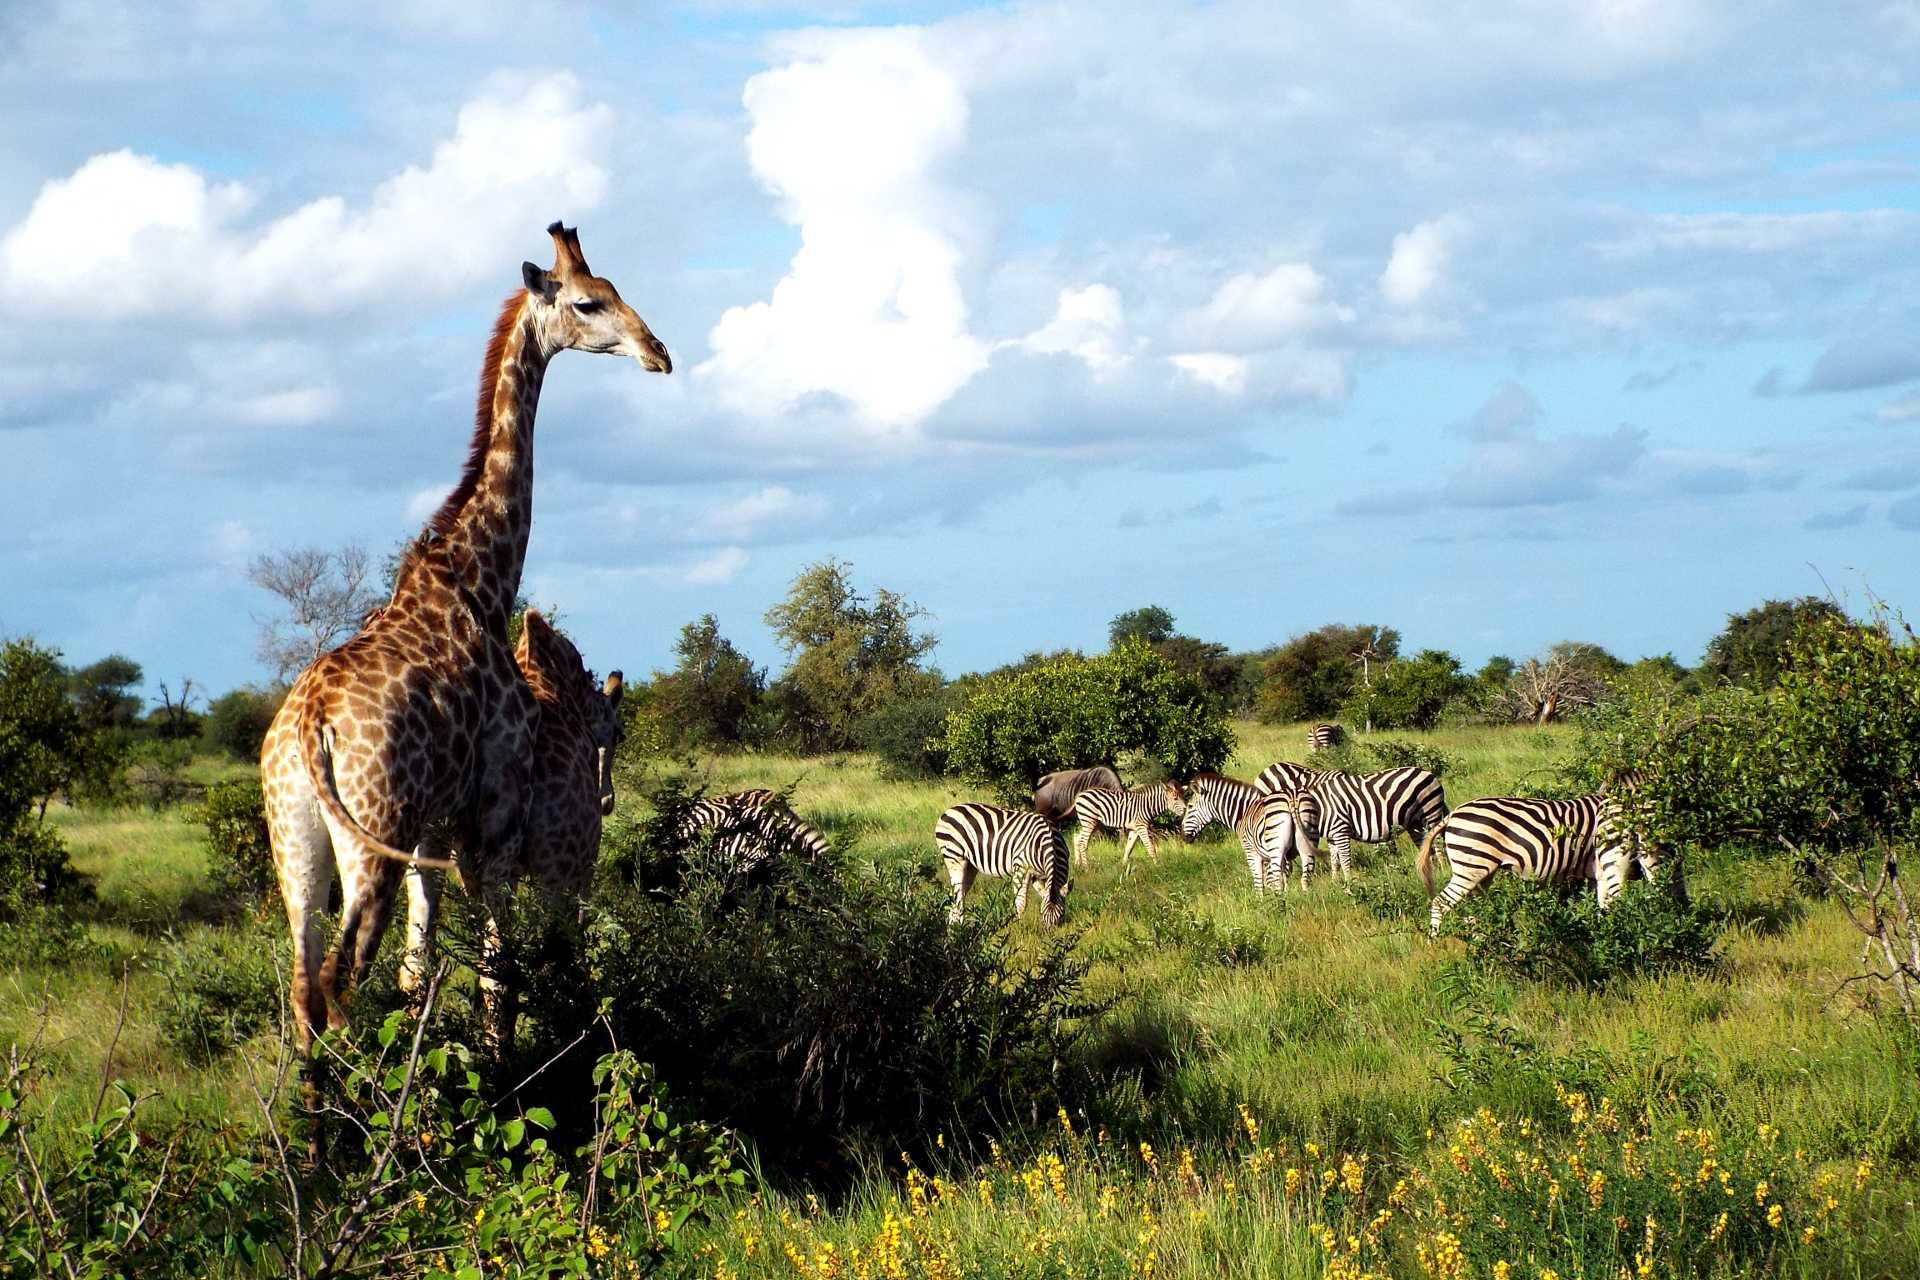 voyage safaris en afrique du sud - confort